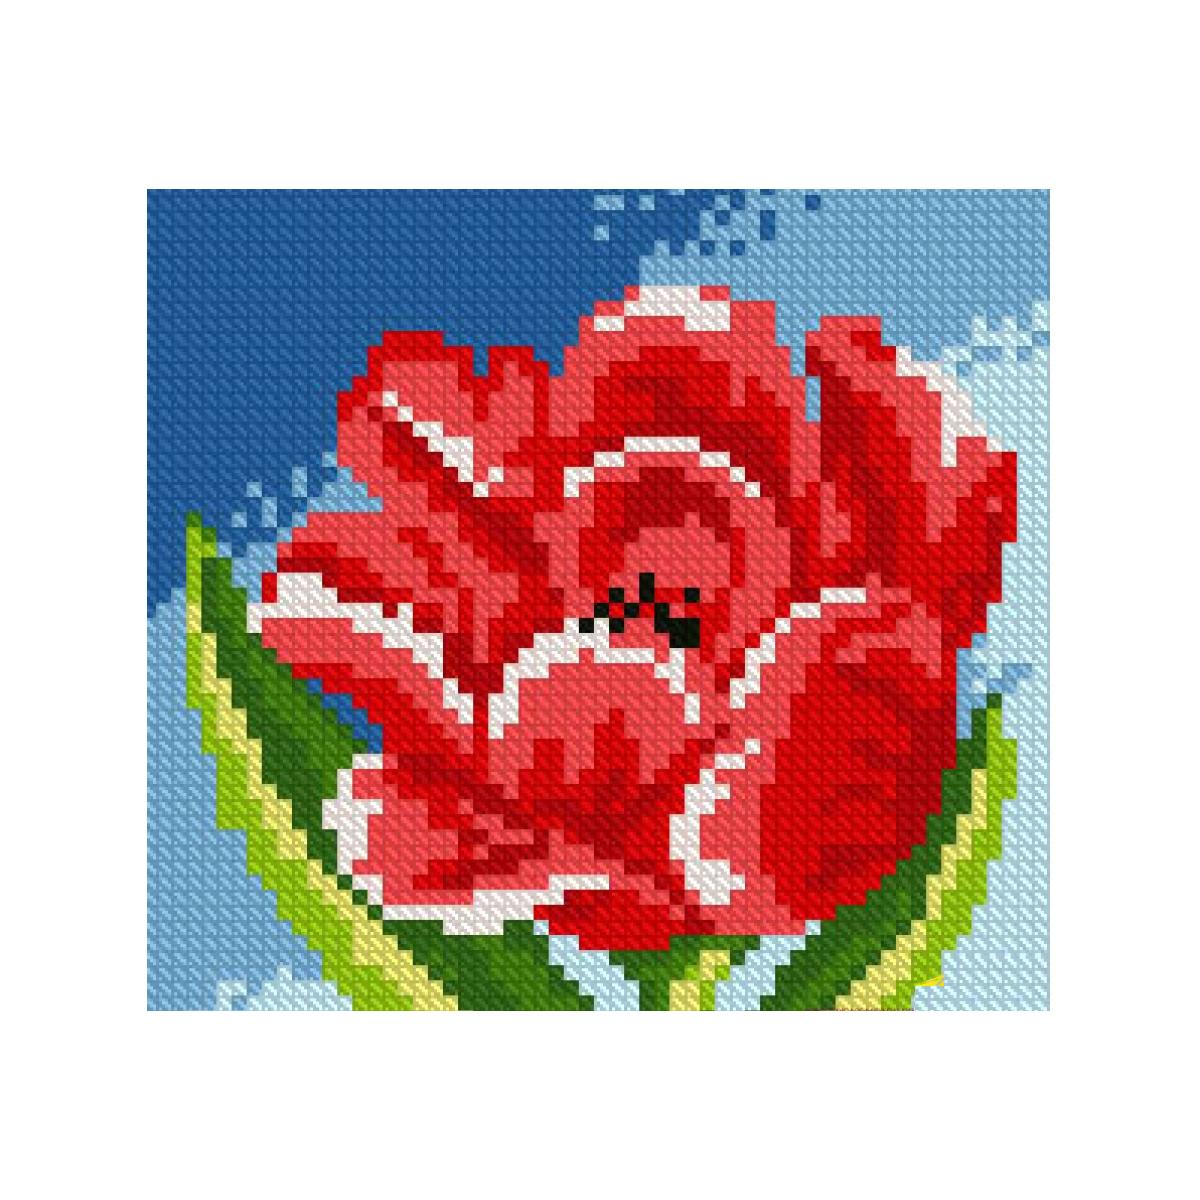 Набор для изготовления картины со стразами Алмазная Живопись Красный тюльпан, 15 х 15 см581705В состав набора входит: полотно-схема с клеевым слоем, с условными обозначениями, инструкция, пластиковое блюдце, пинцет, упакованные стразы.